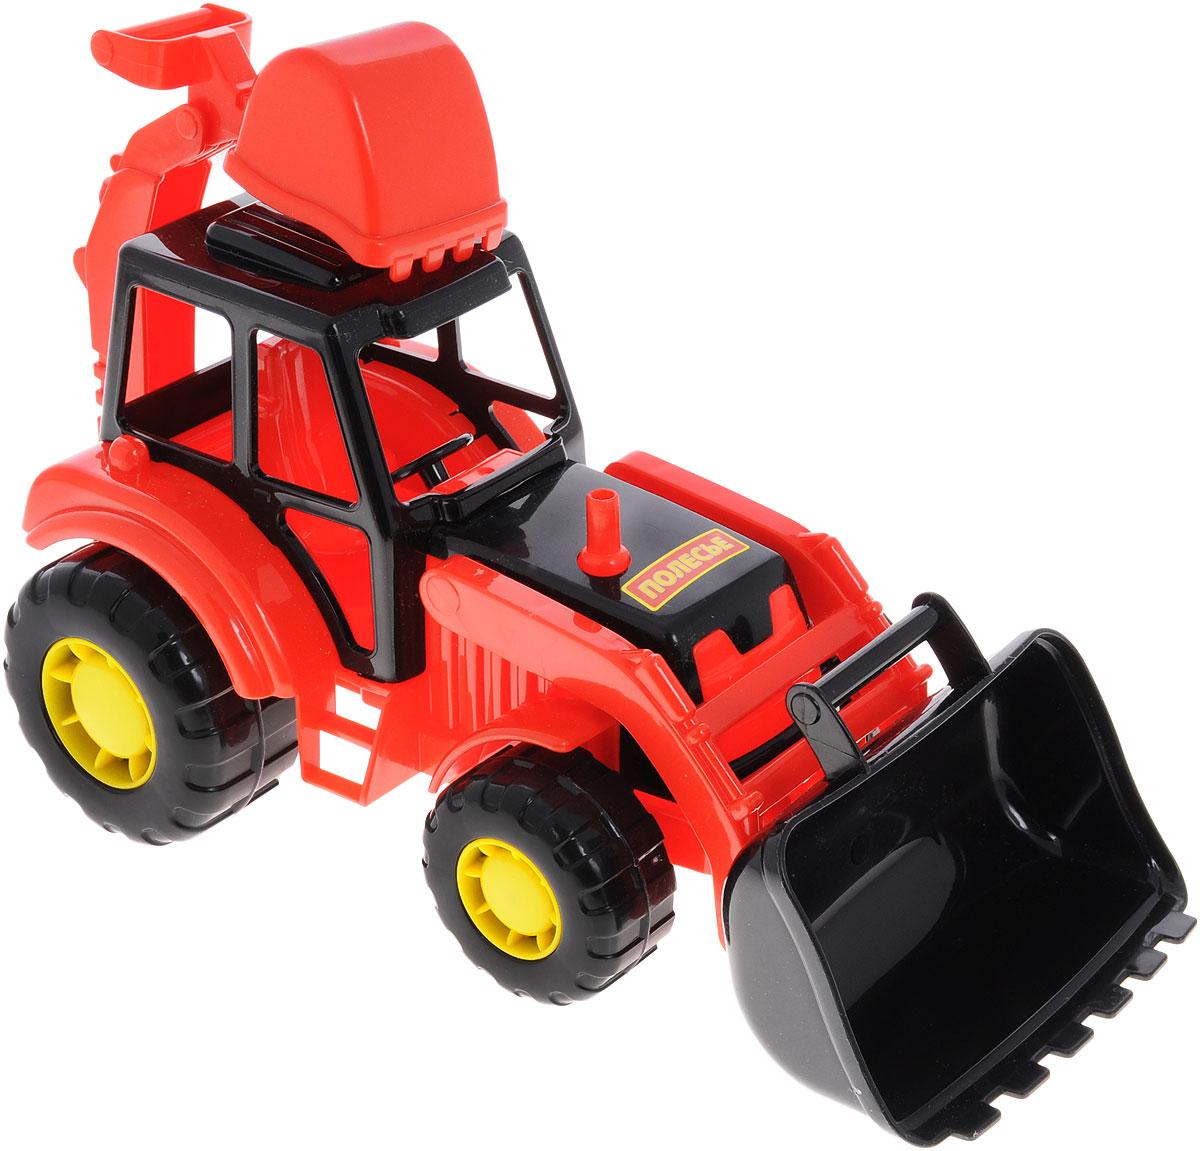 Полесье Трактор-экскаватор Мастер цвет красный35318_красныйЯркий трактор-экскаватор Мастер обязательно понравится вашему малышу и займет его внимание надолго. Трактор может грести песок или снег, а может ковшом копать ямку (котлован) в песочнице. Экскаватор оснащен двумя подвижными ковшами, снабжен большими устойчивыми колесами со свободным ходом. Ваш маленький строитель часами будет играть с таким экскаватором, придумывая различные истории. Порадуйте его таким замечательным подарком! УВАЖАЕМЫЕ КЛИЕНТЫ! Обращаем ваше внимание на цветовой ассортимент колес, поставка осуществляется в зависимости от наличия на складе.